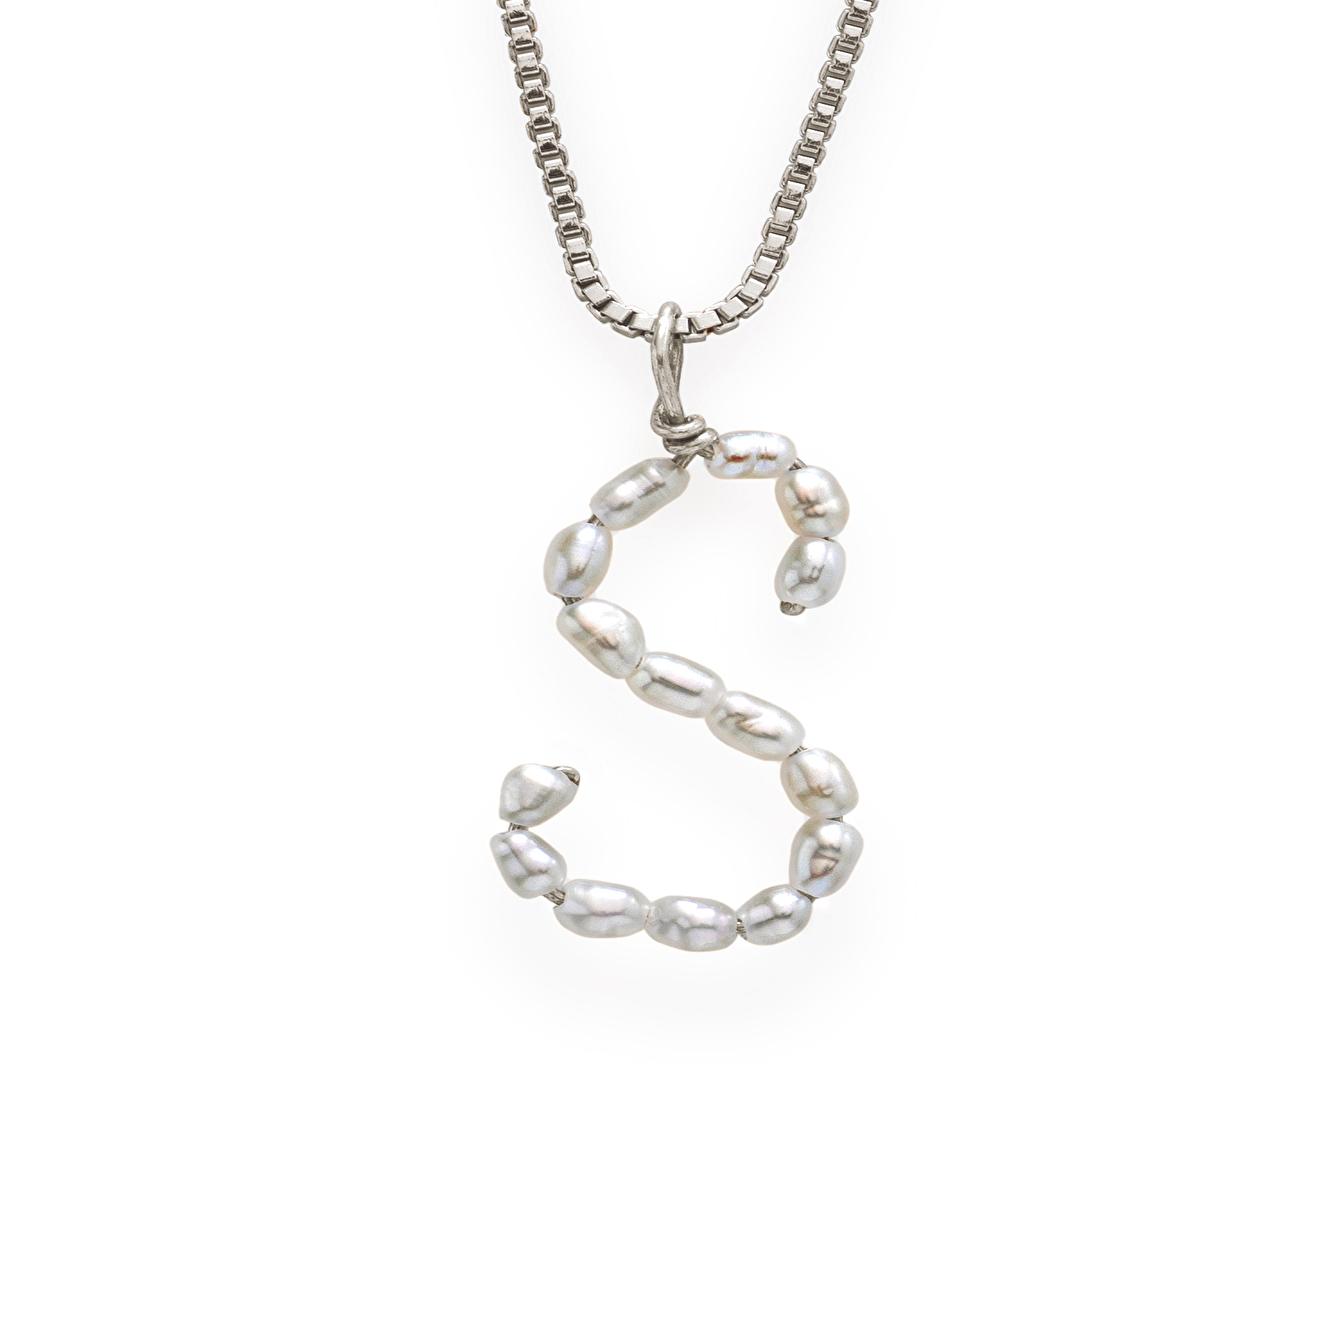 Фото - Ringstone Серебряное колье с жемчужной буквой S ringstone жемчужное ожерелье с буквой s ringstone